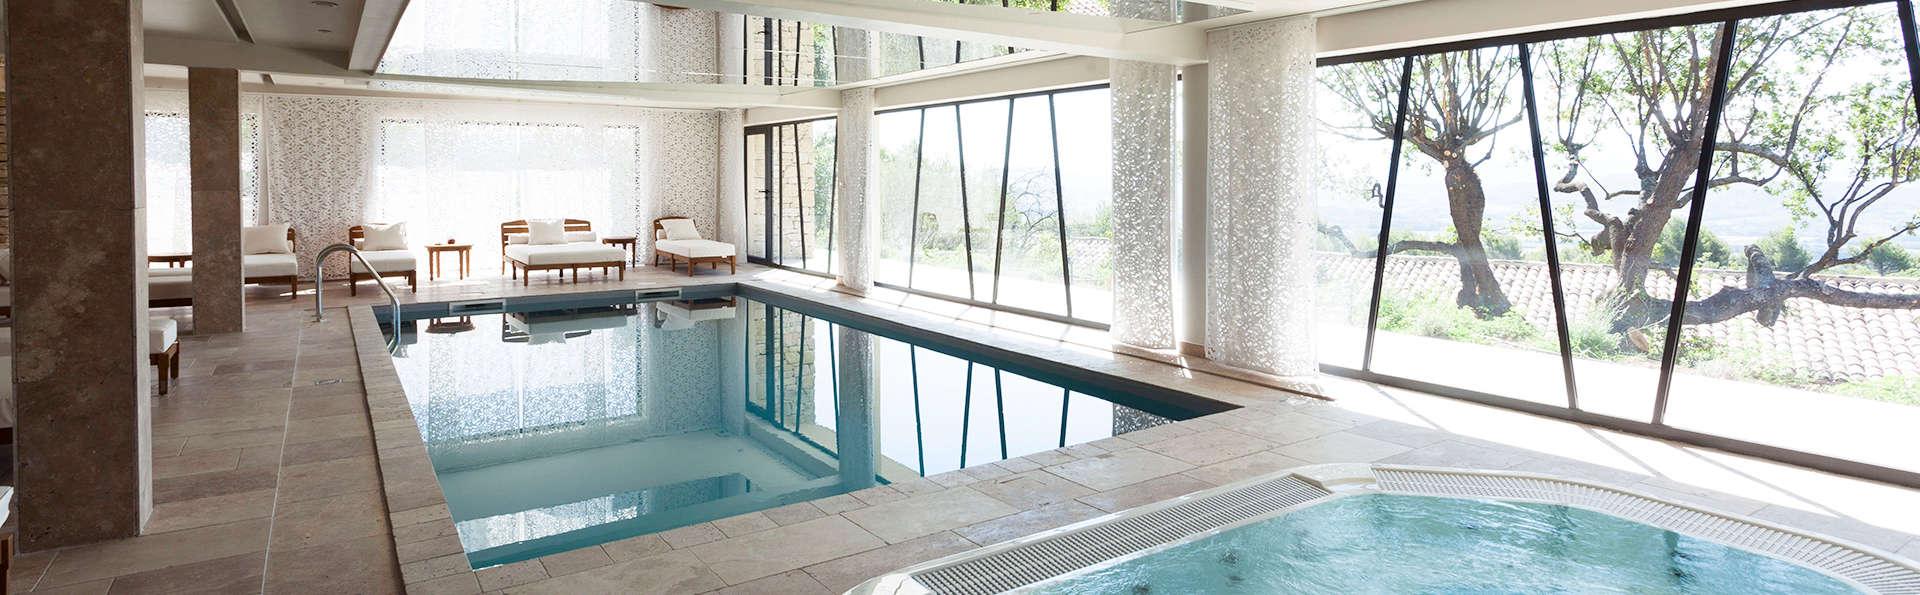 Week-end dans un hôtel de charme dans le Lubéron  avec accès SPA